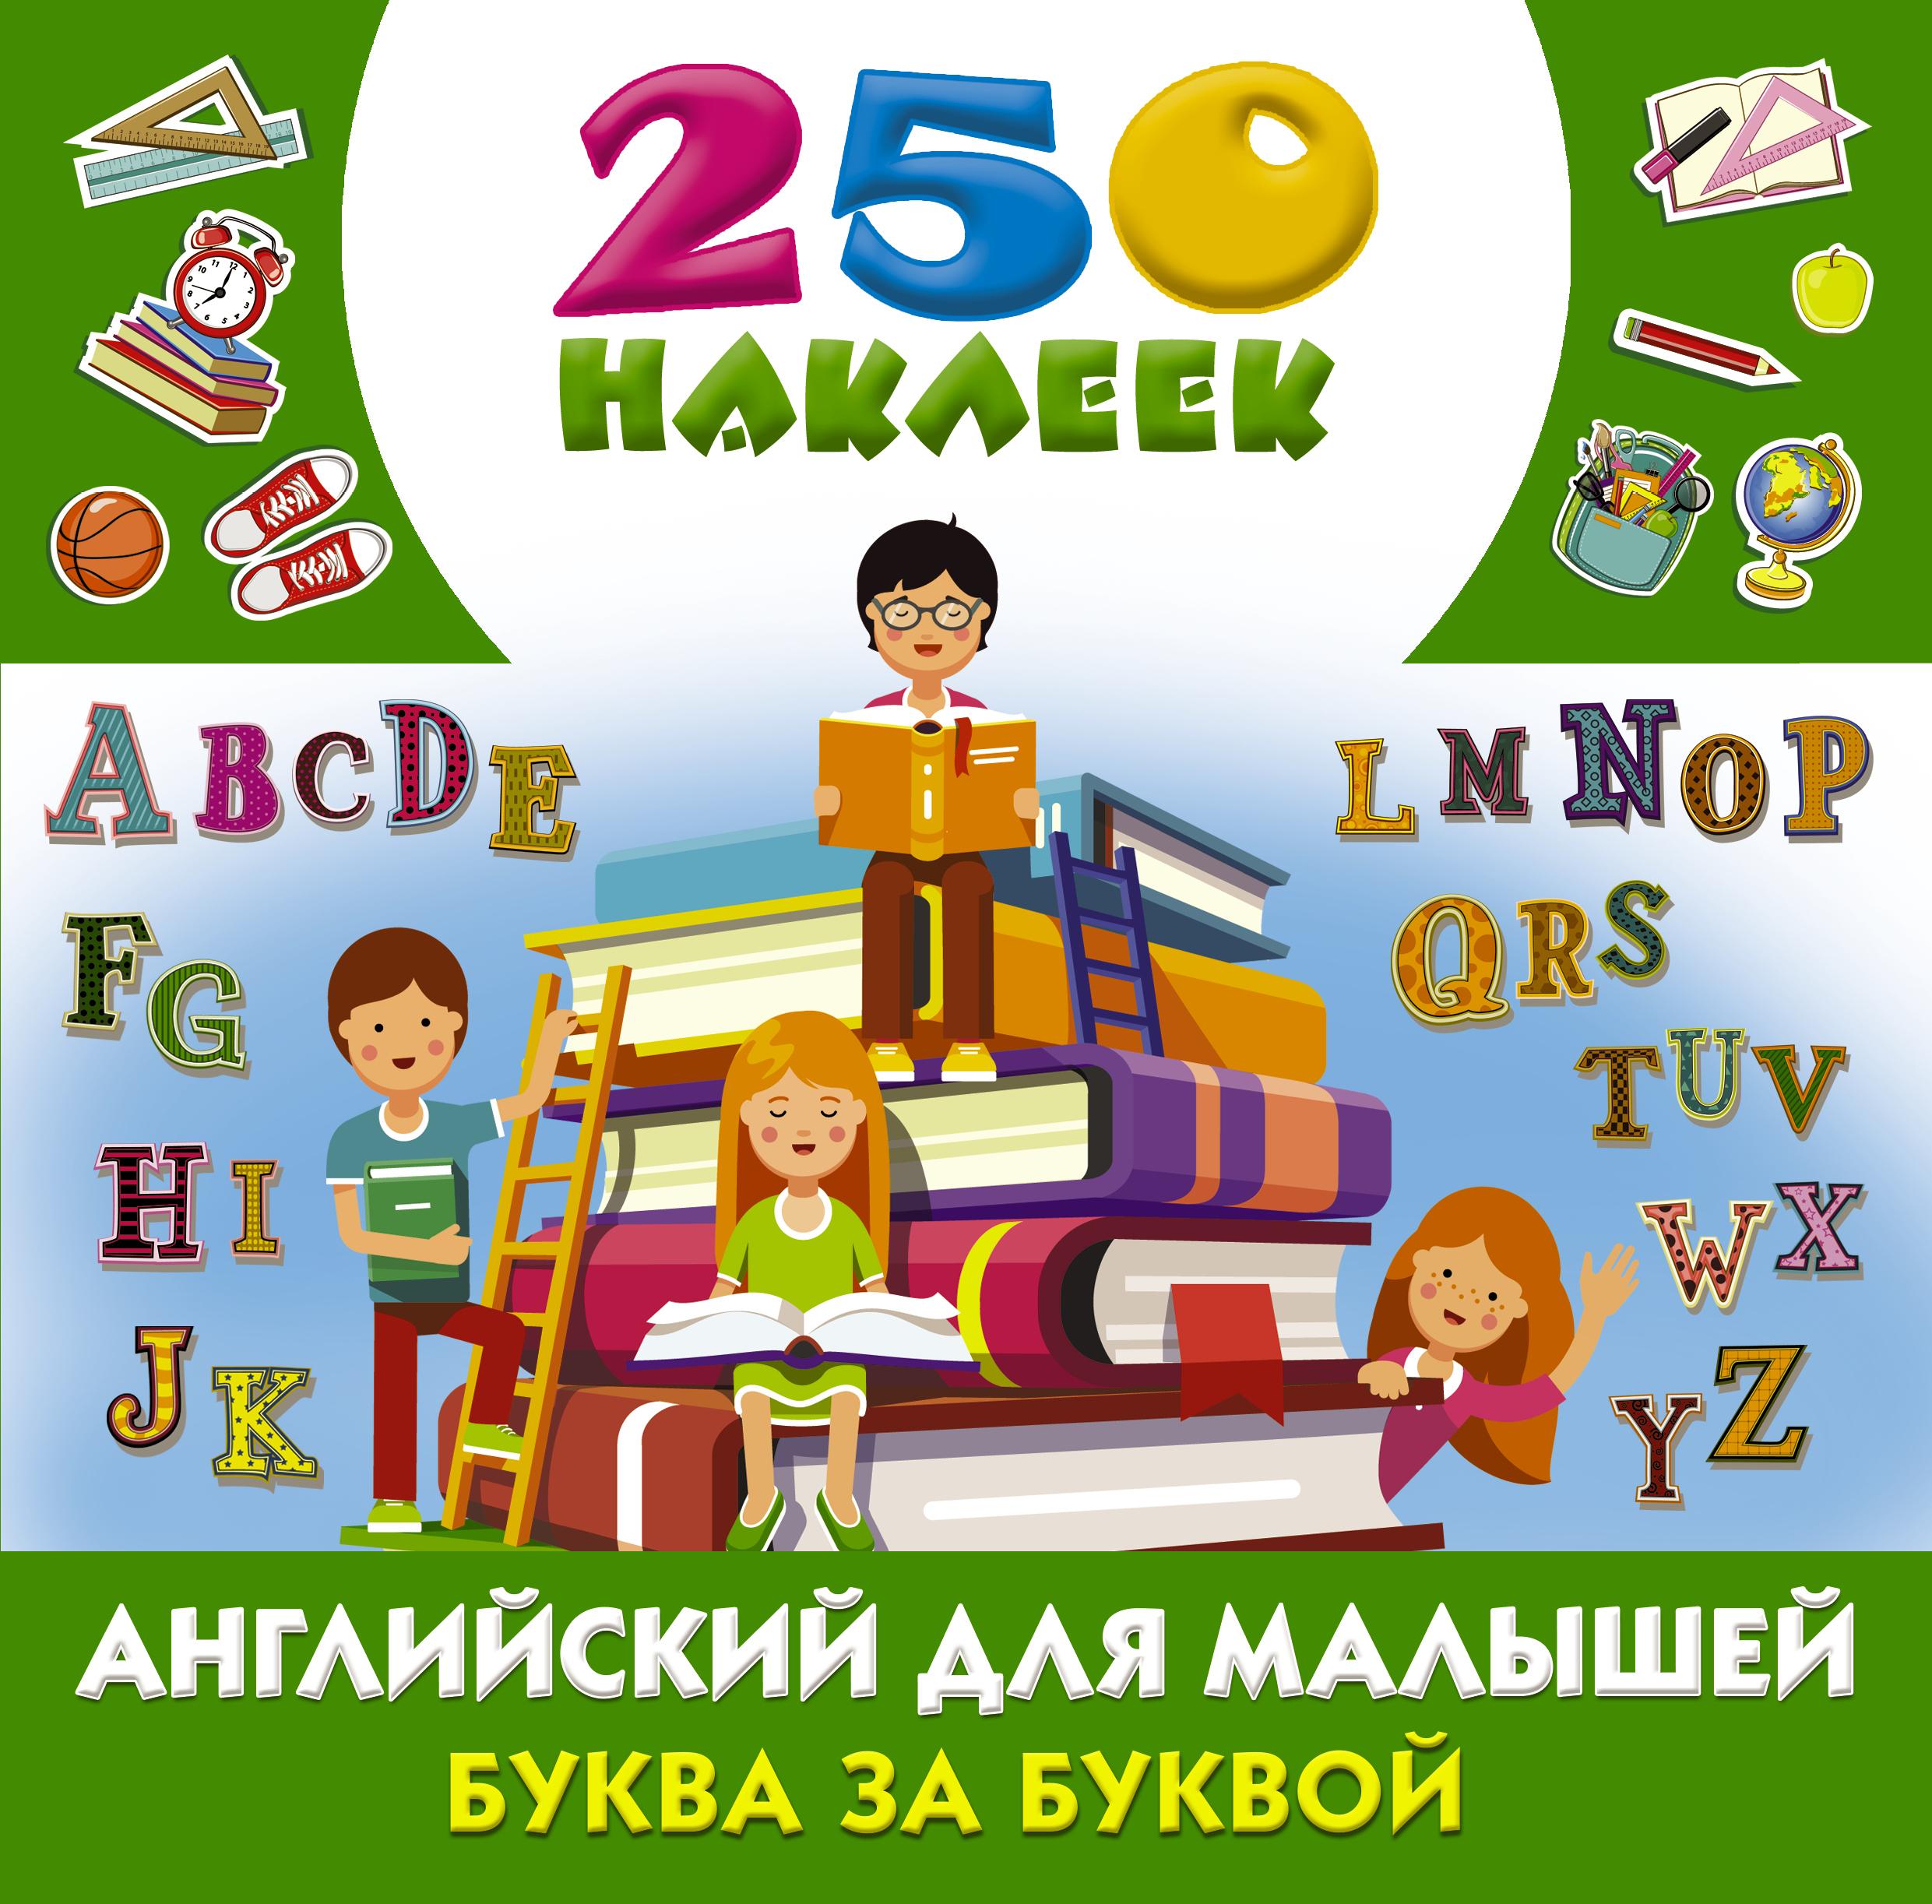 Глотова В.Ю. Английский для малышей: буква за буквой песенки для малышей книжка игрушка